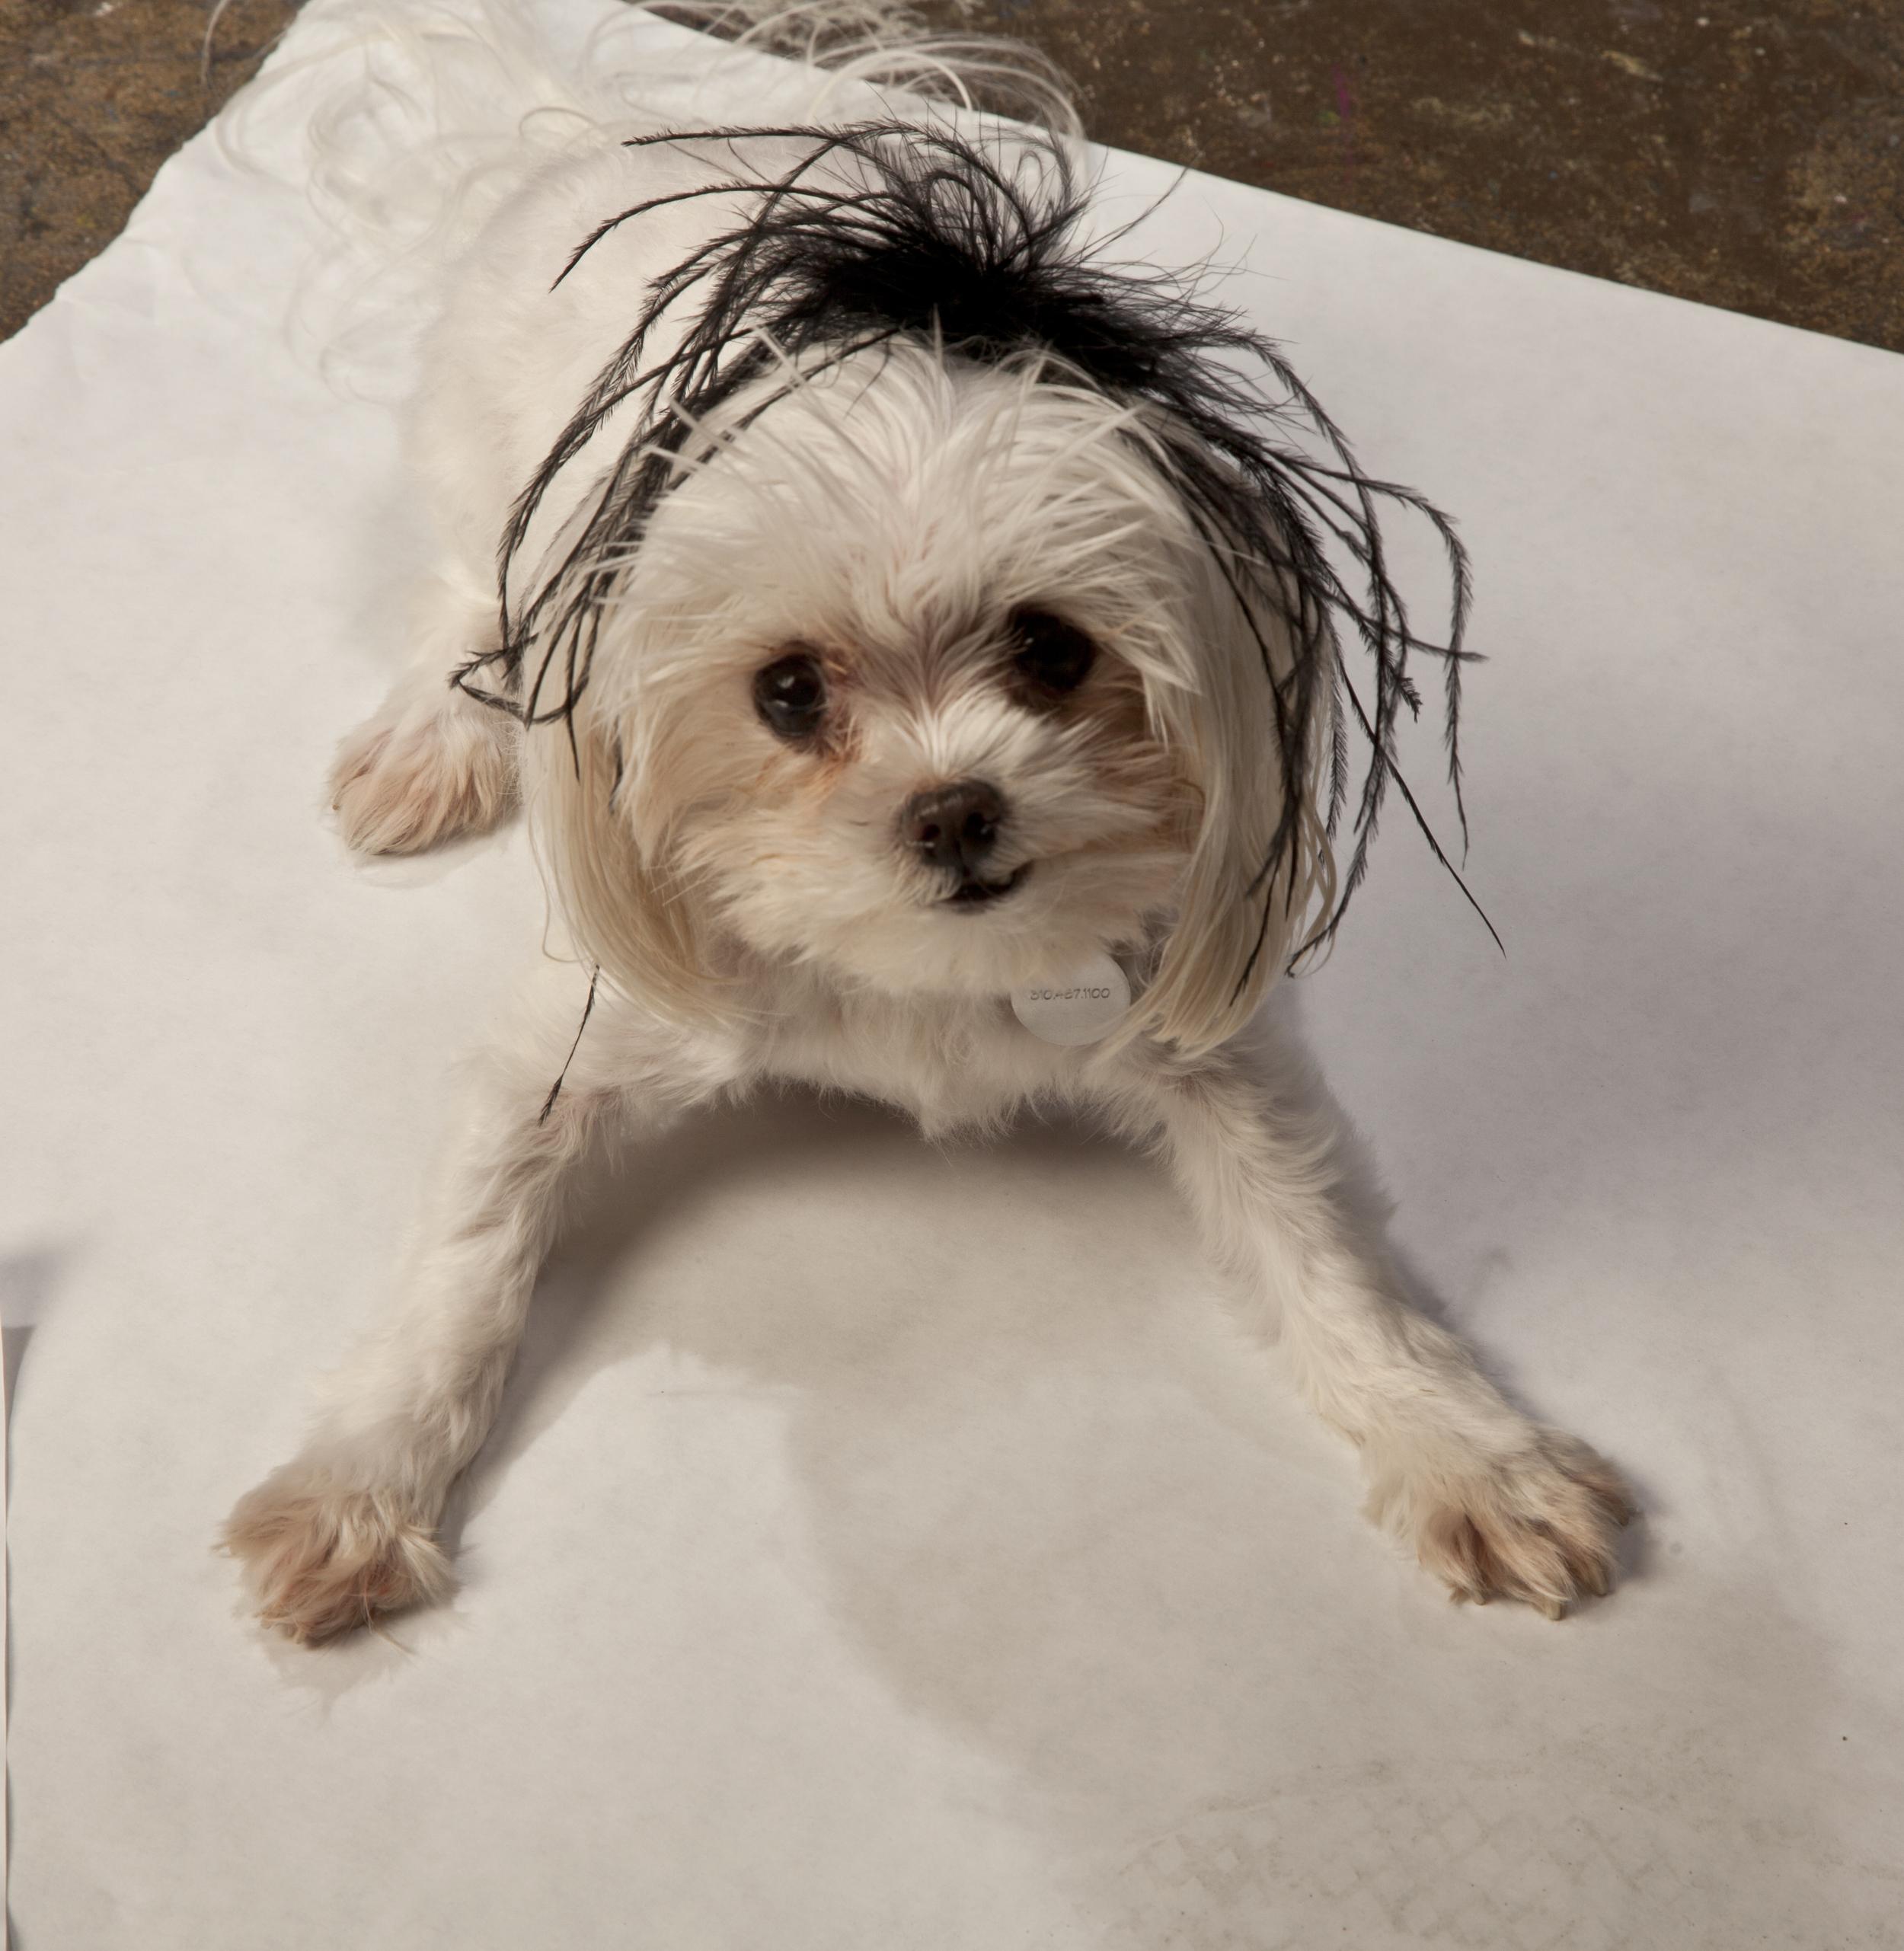 doggie in feathersIMG_4240.jpg